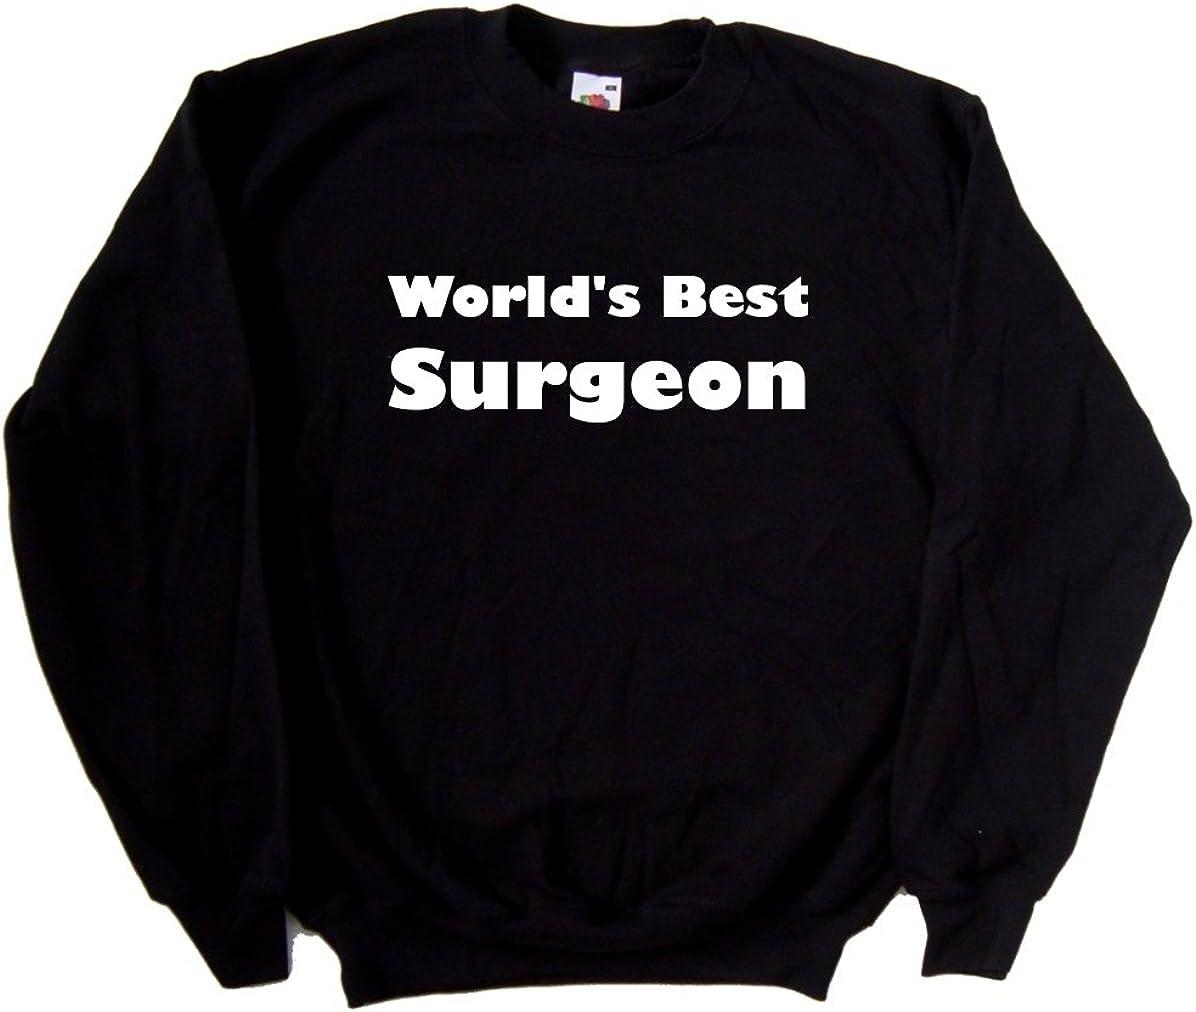 Worlds Best Surgeon Black Sweatshirt